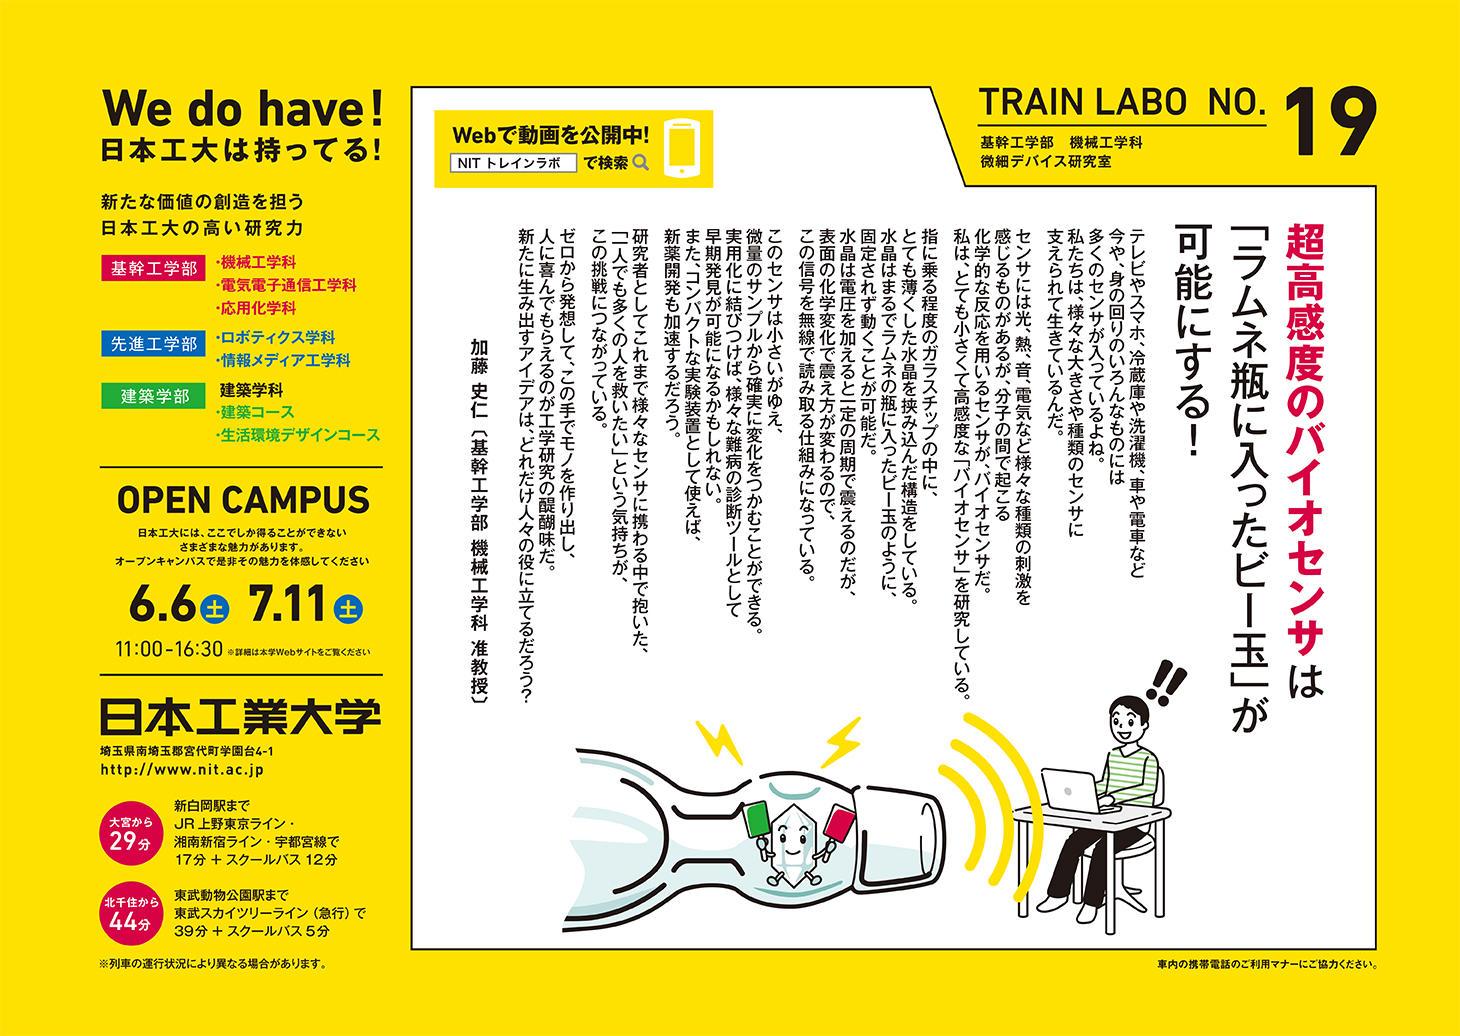 より良い未来社会を目指した研究を紹介したシリーズポスターが、見やすいハンディータイプの研究報として冊子化! -- 日本工業大学